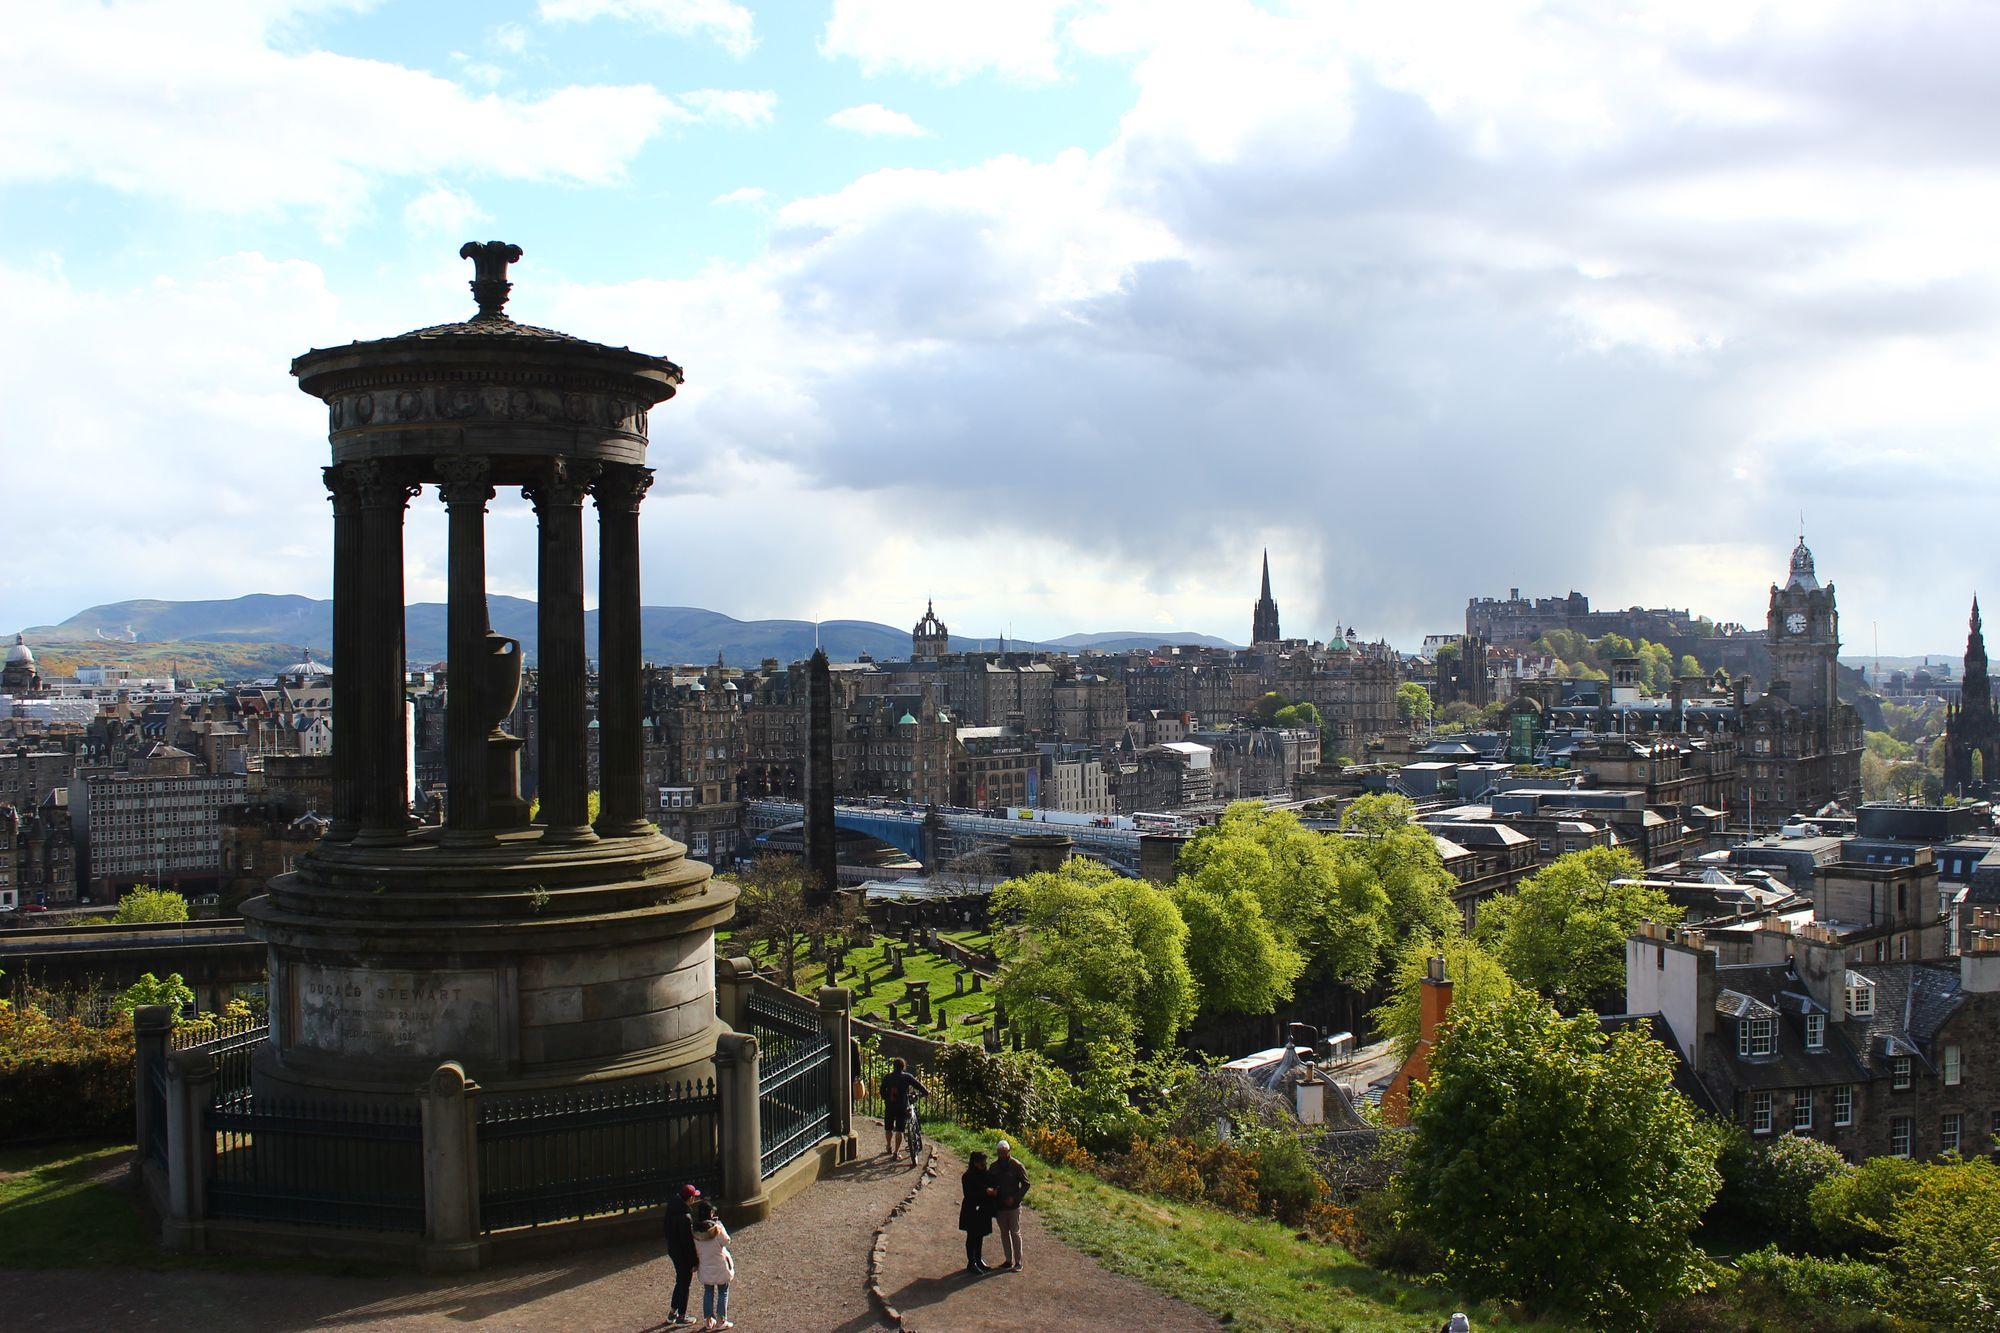 Vue de la ville depuis le parc Calton Hill à Édimbourg en Écosse